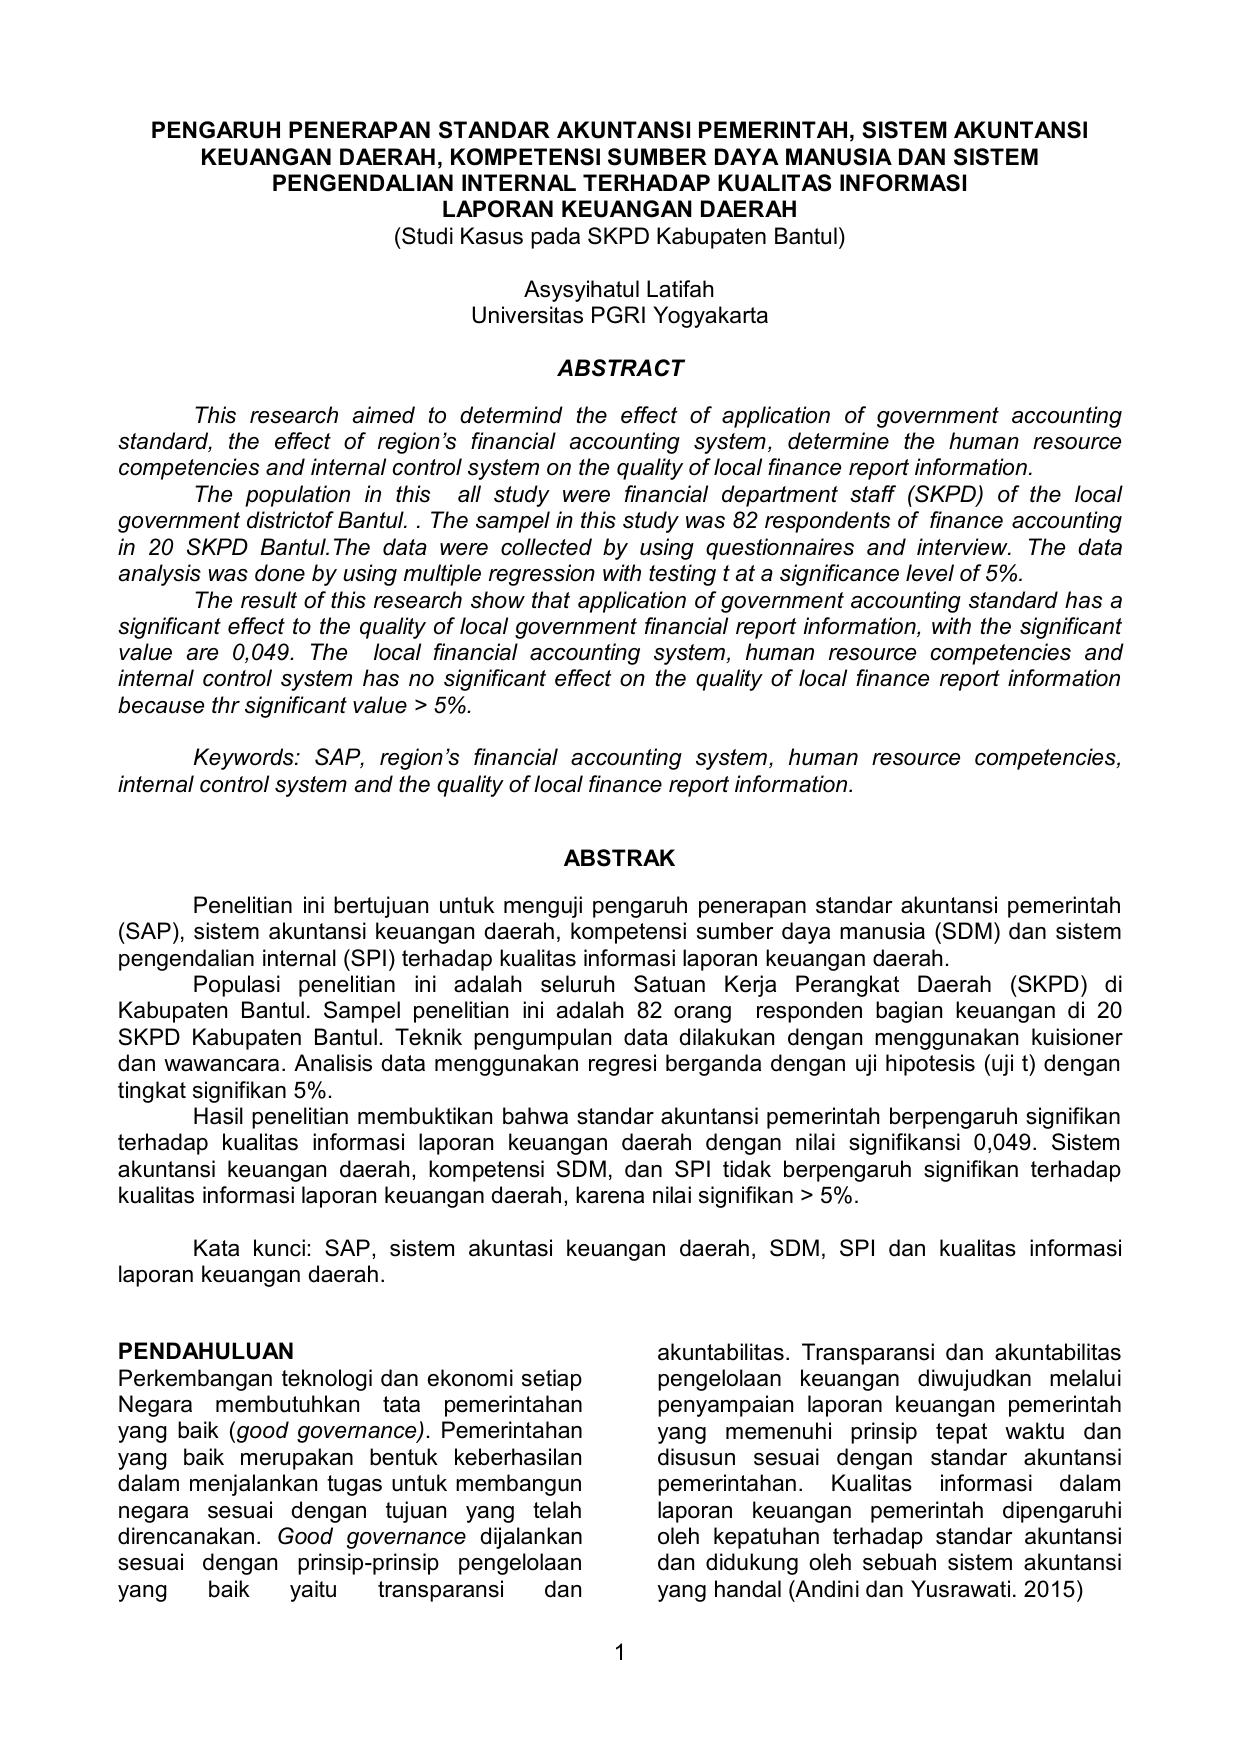 1 Pengaruh Penerapan Standar Akuntansi Pemerintah Sistem